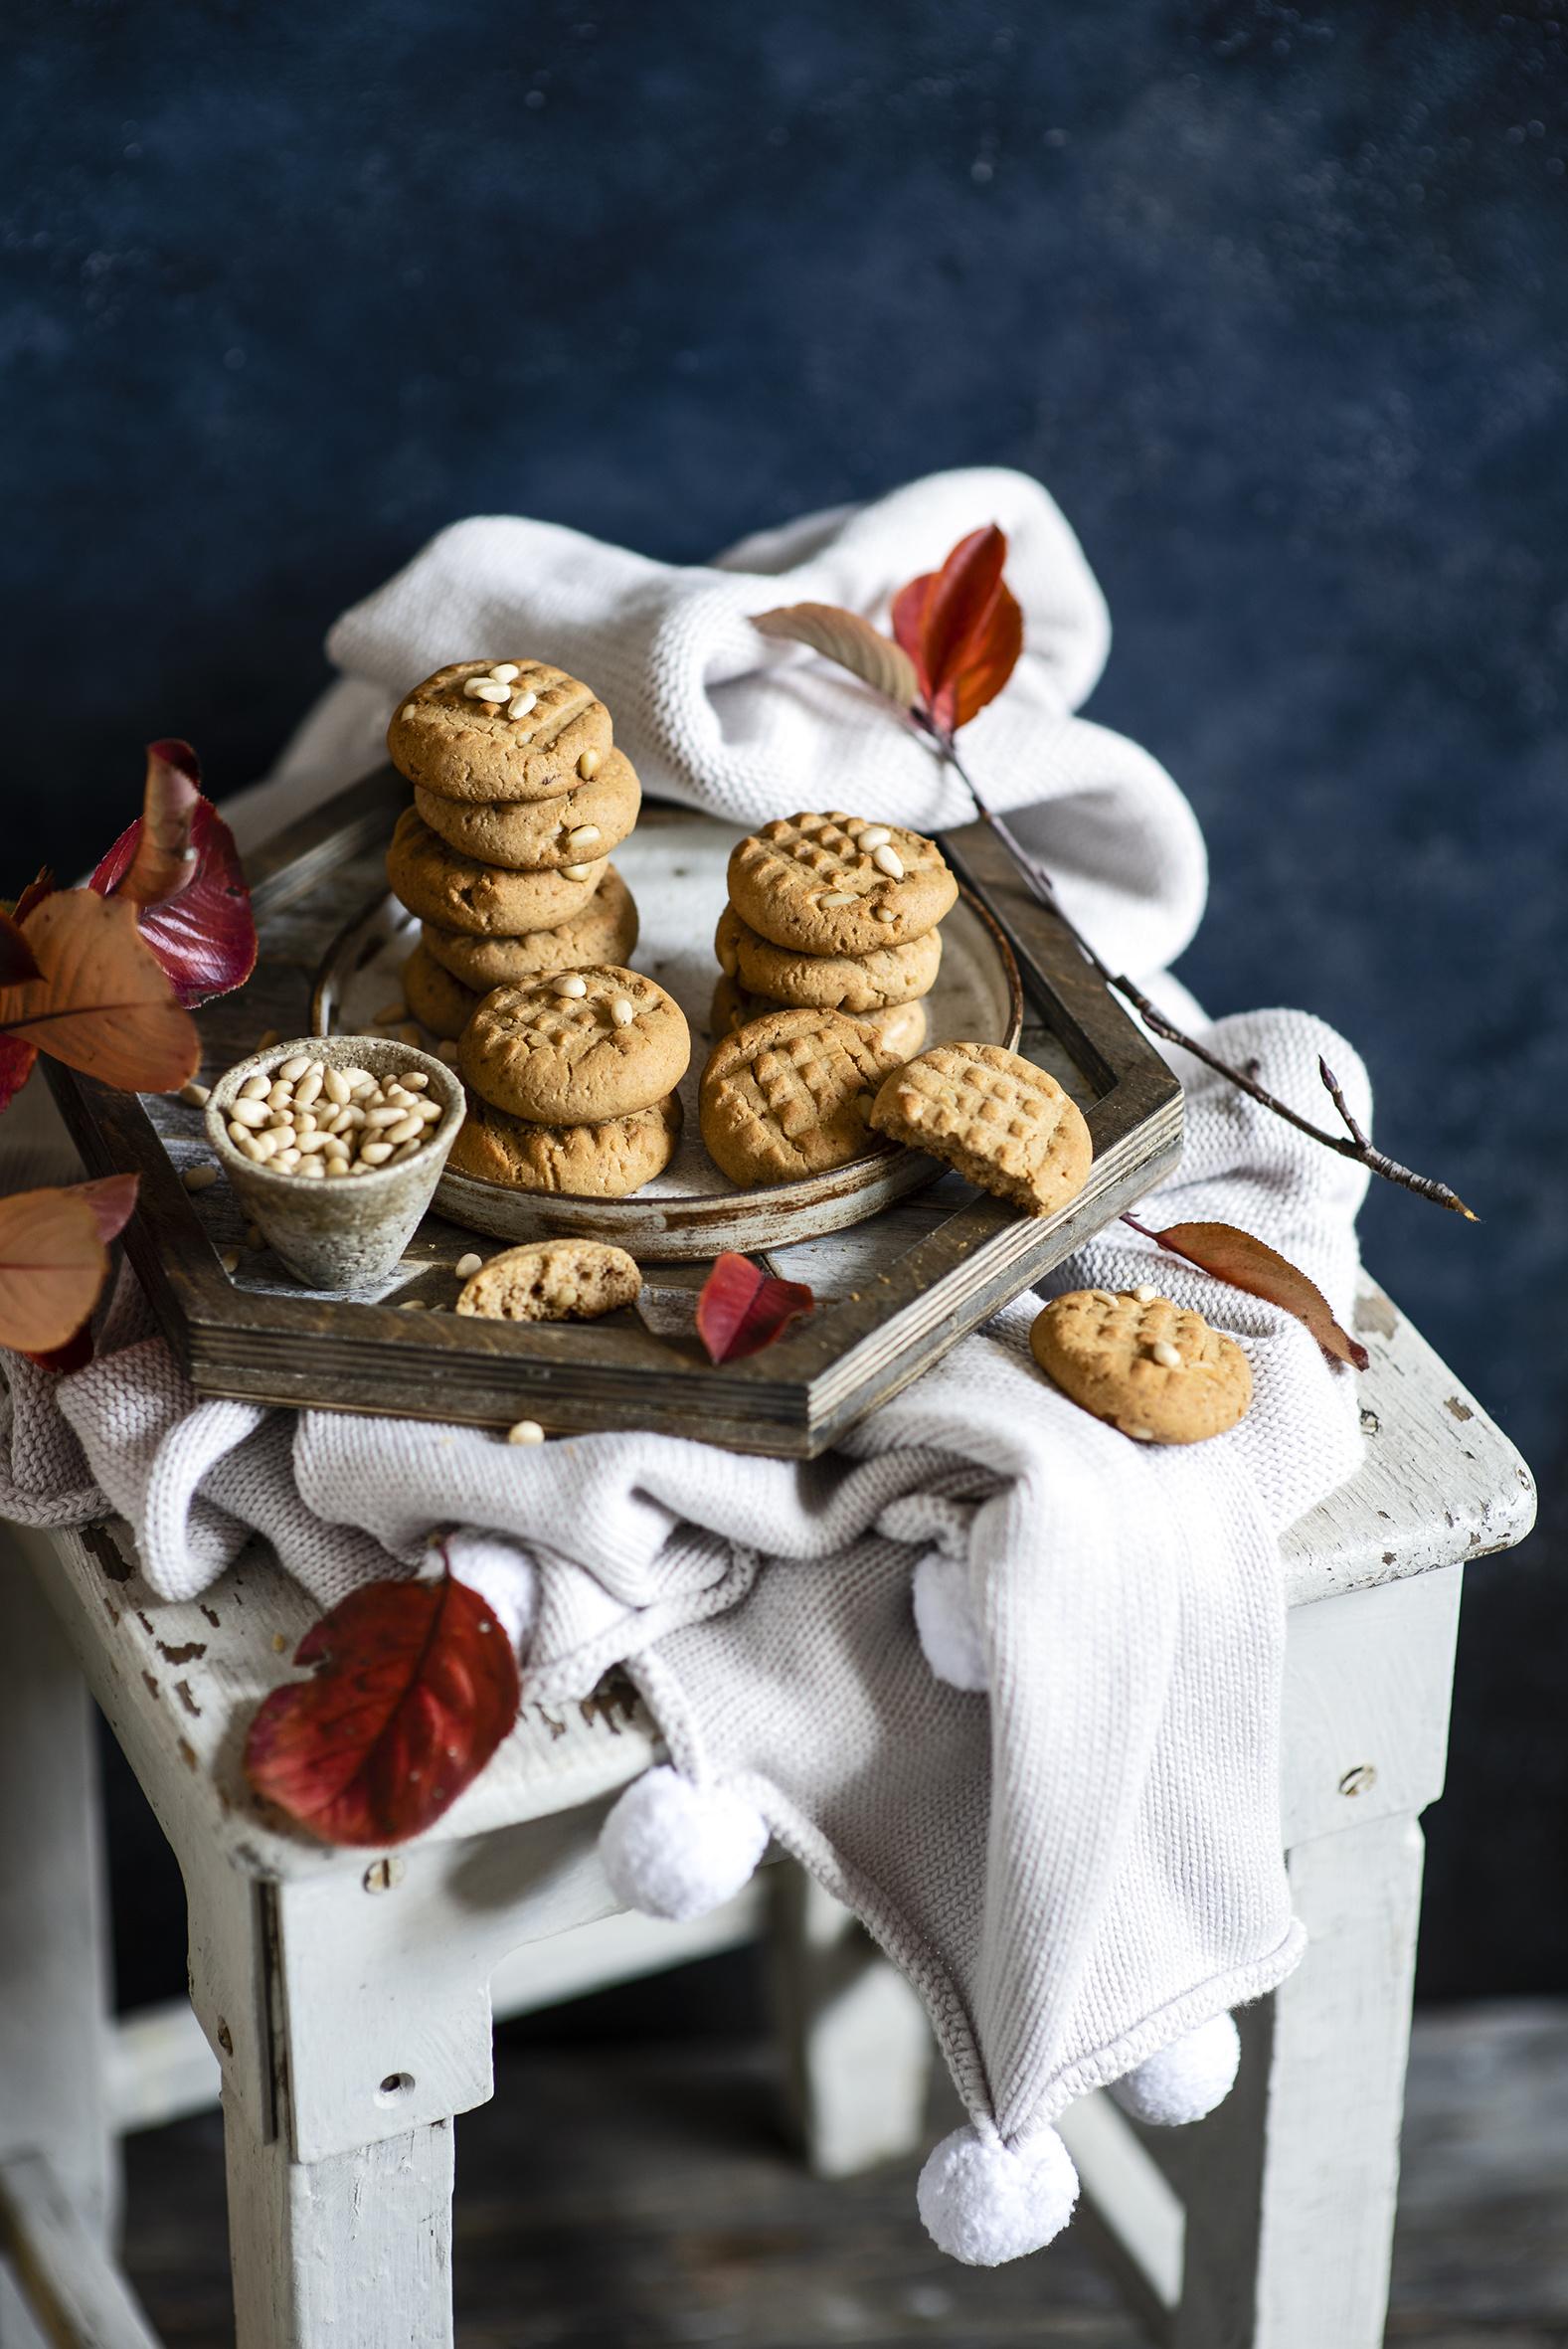 Foto Blattwerk Kekse Stuhl Lebensmittel Schalenobst  für Handy Blatt Stühle das Essen Nussfrüchte